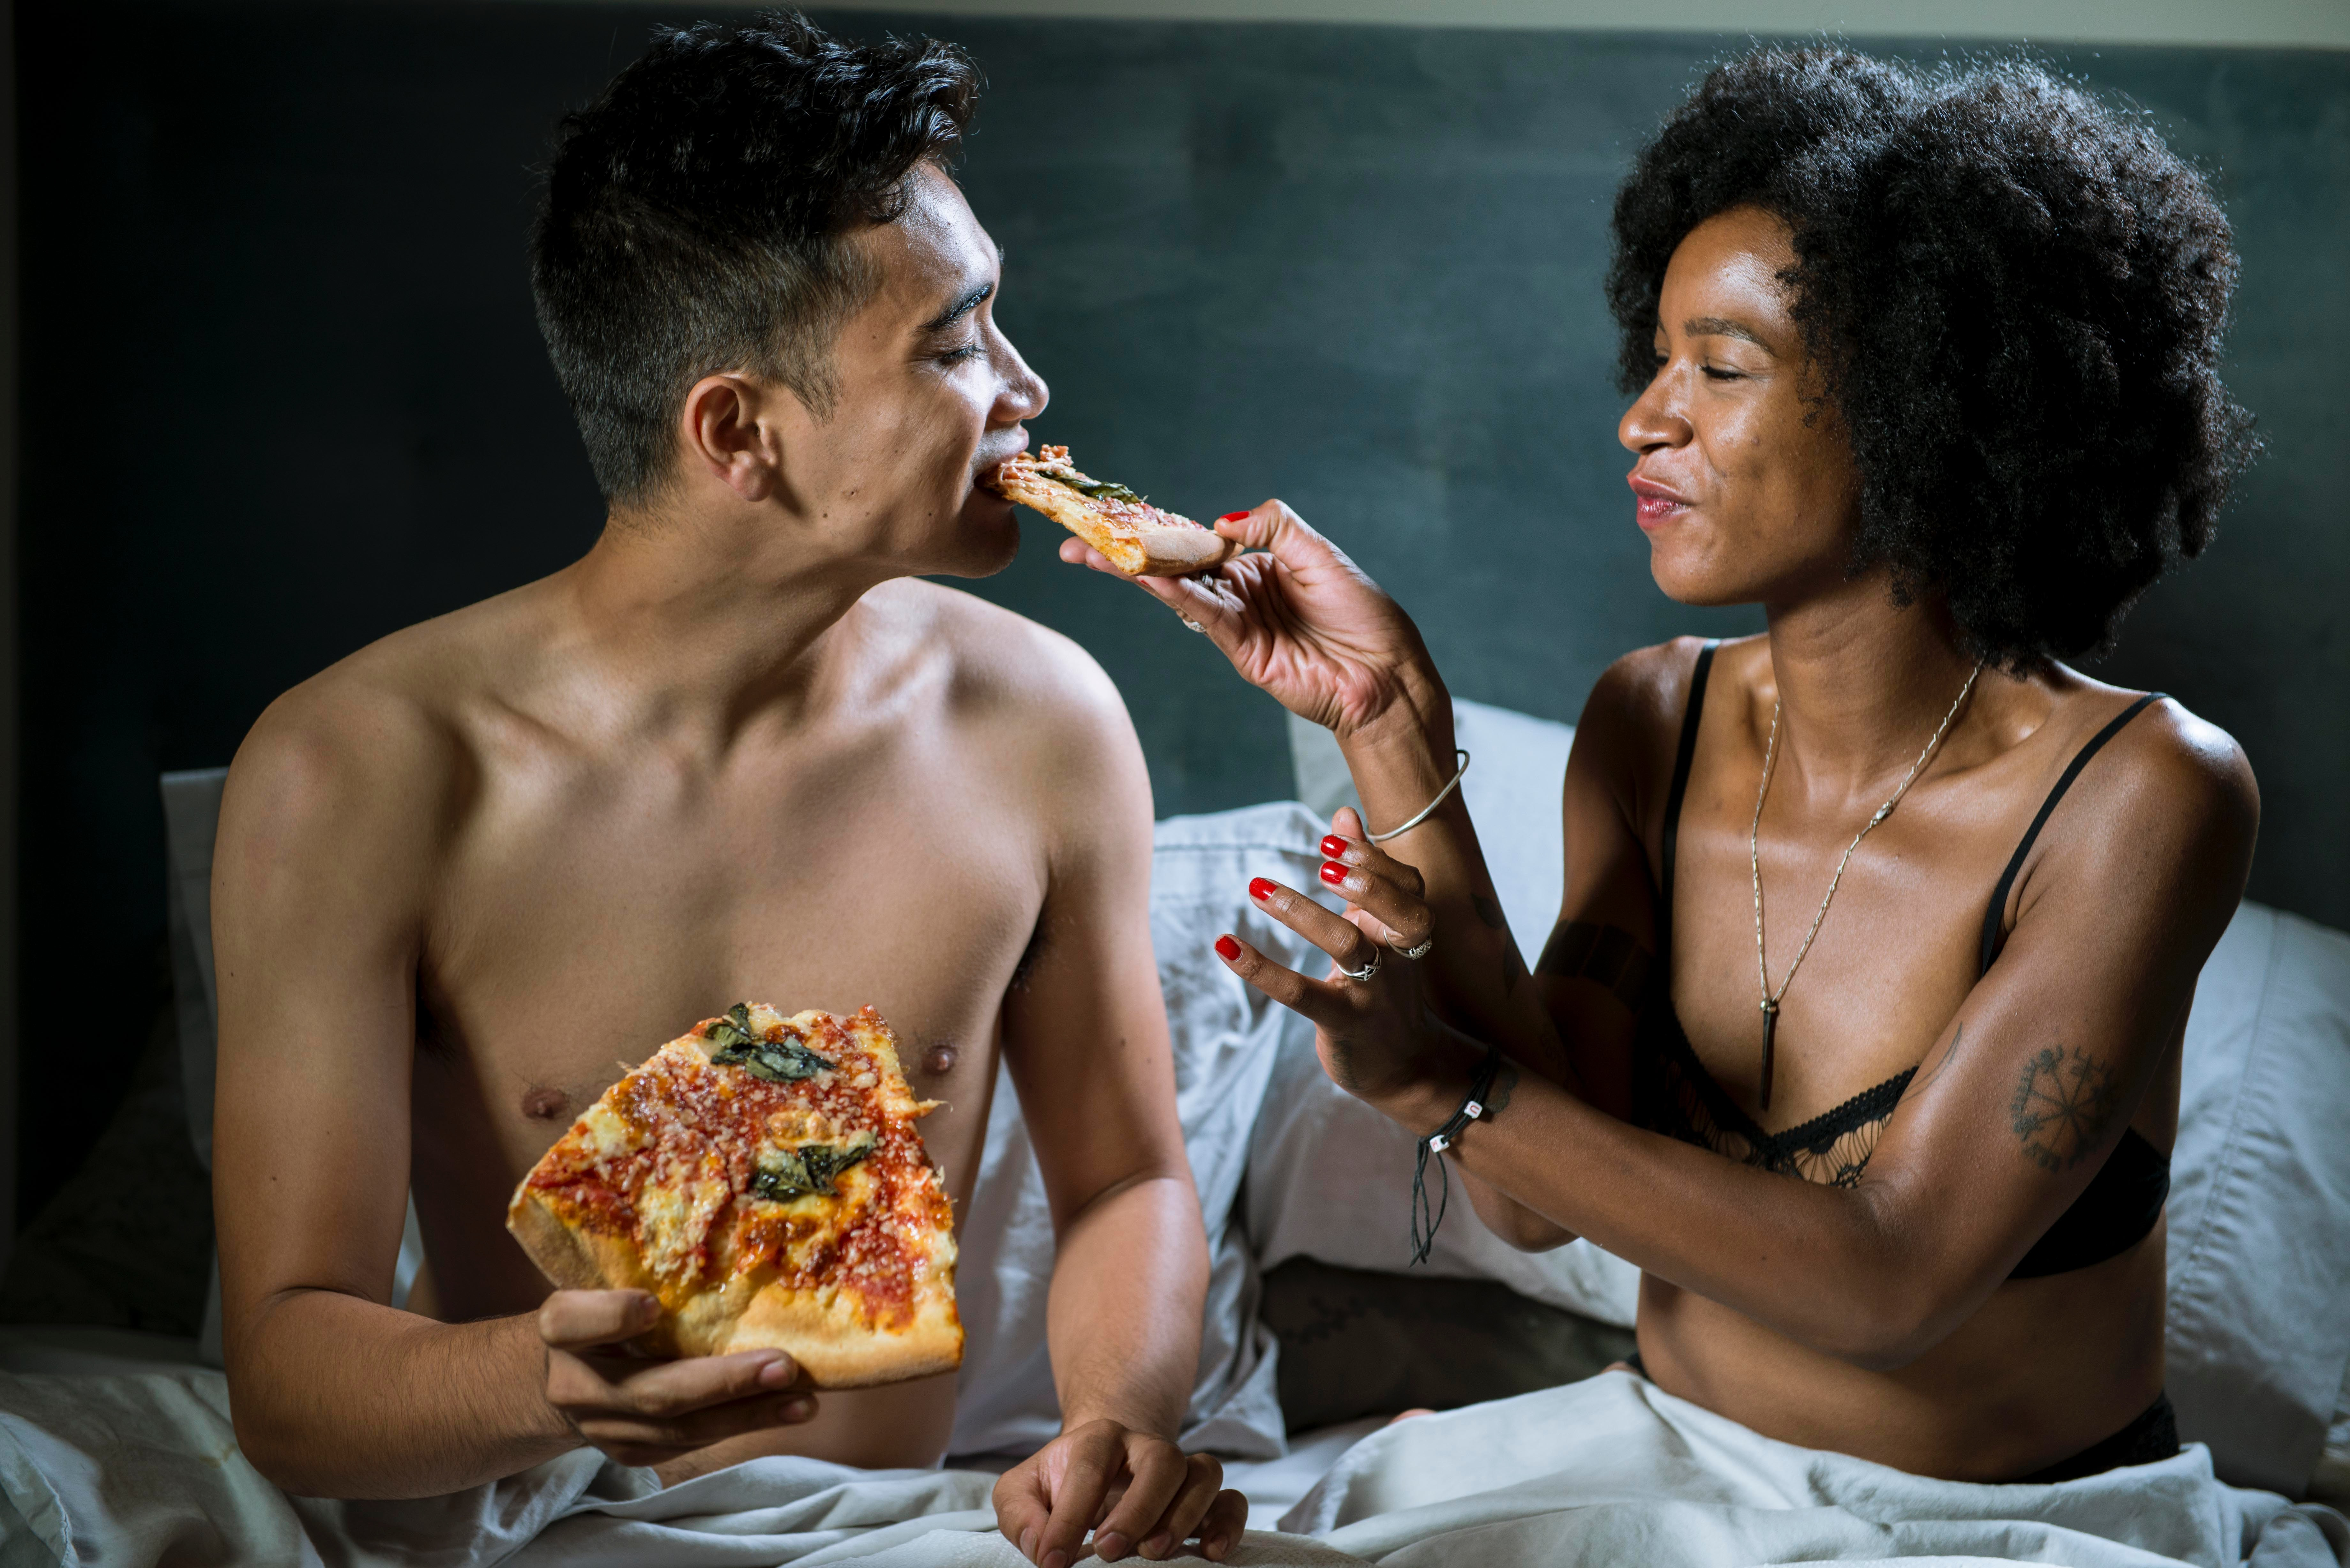 Female orgasm diet